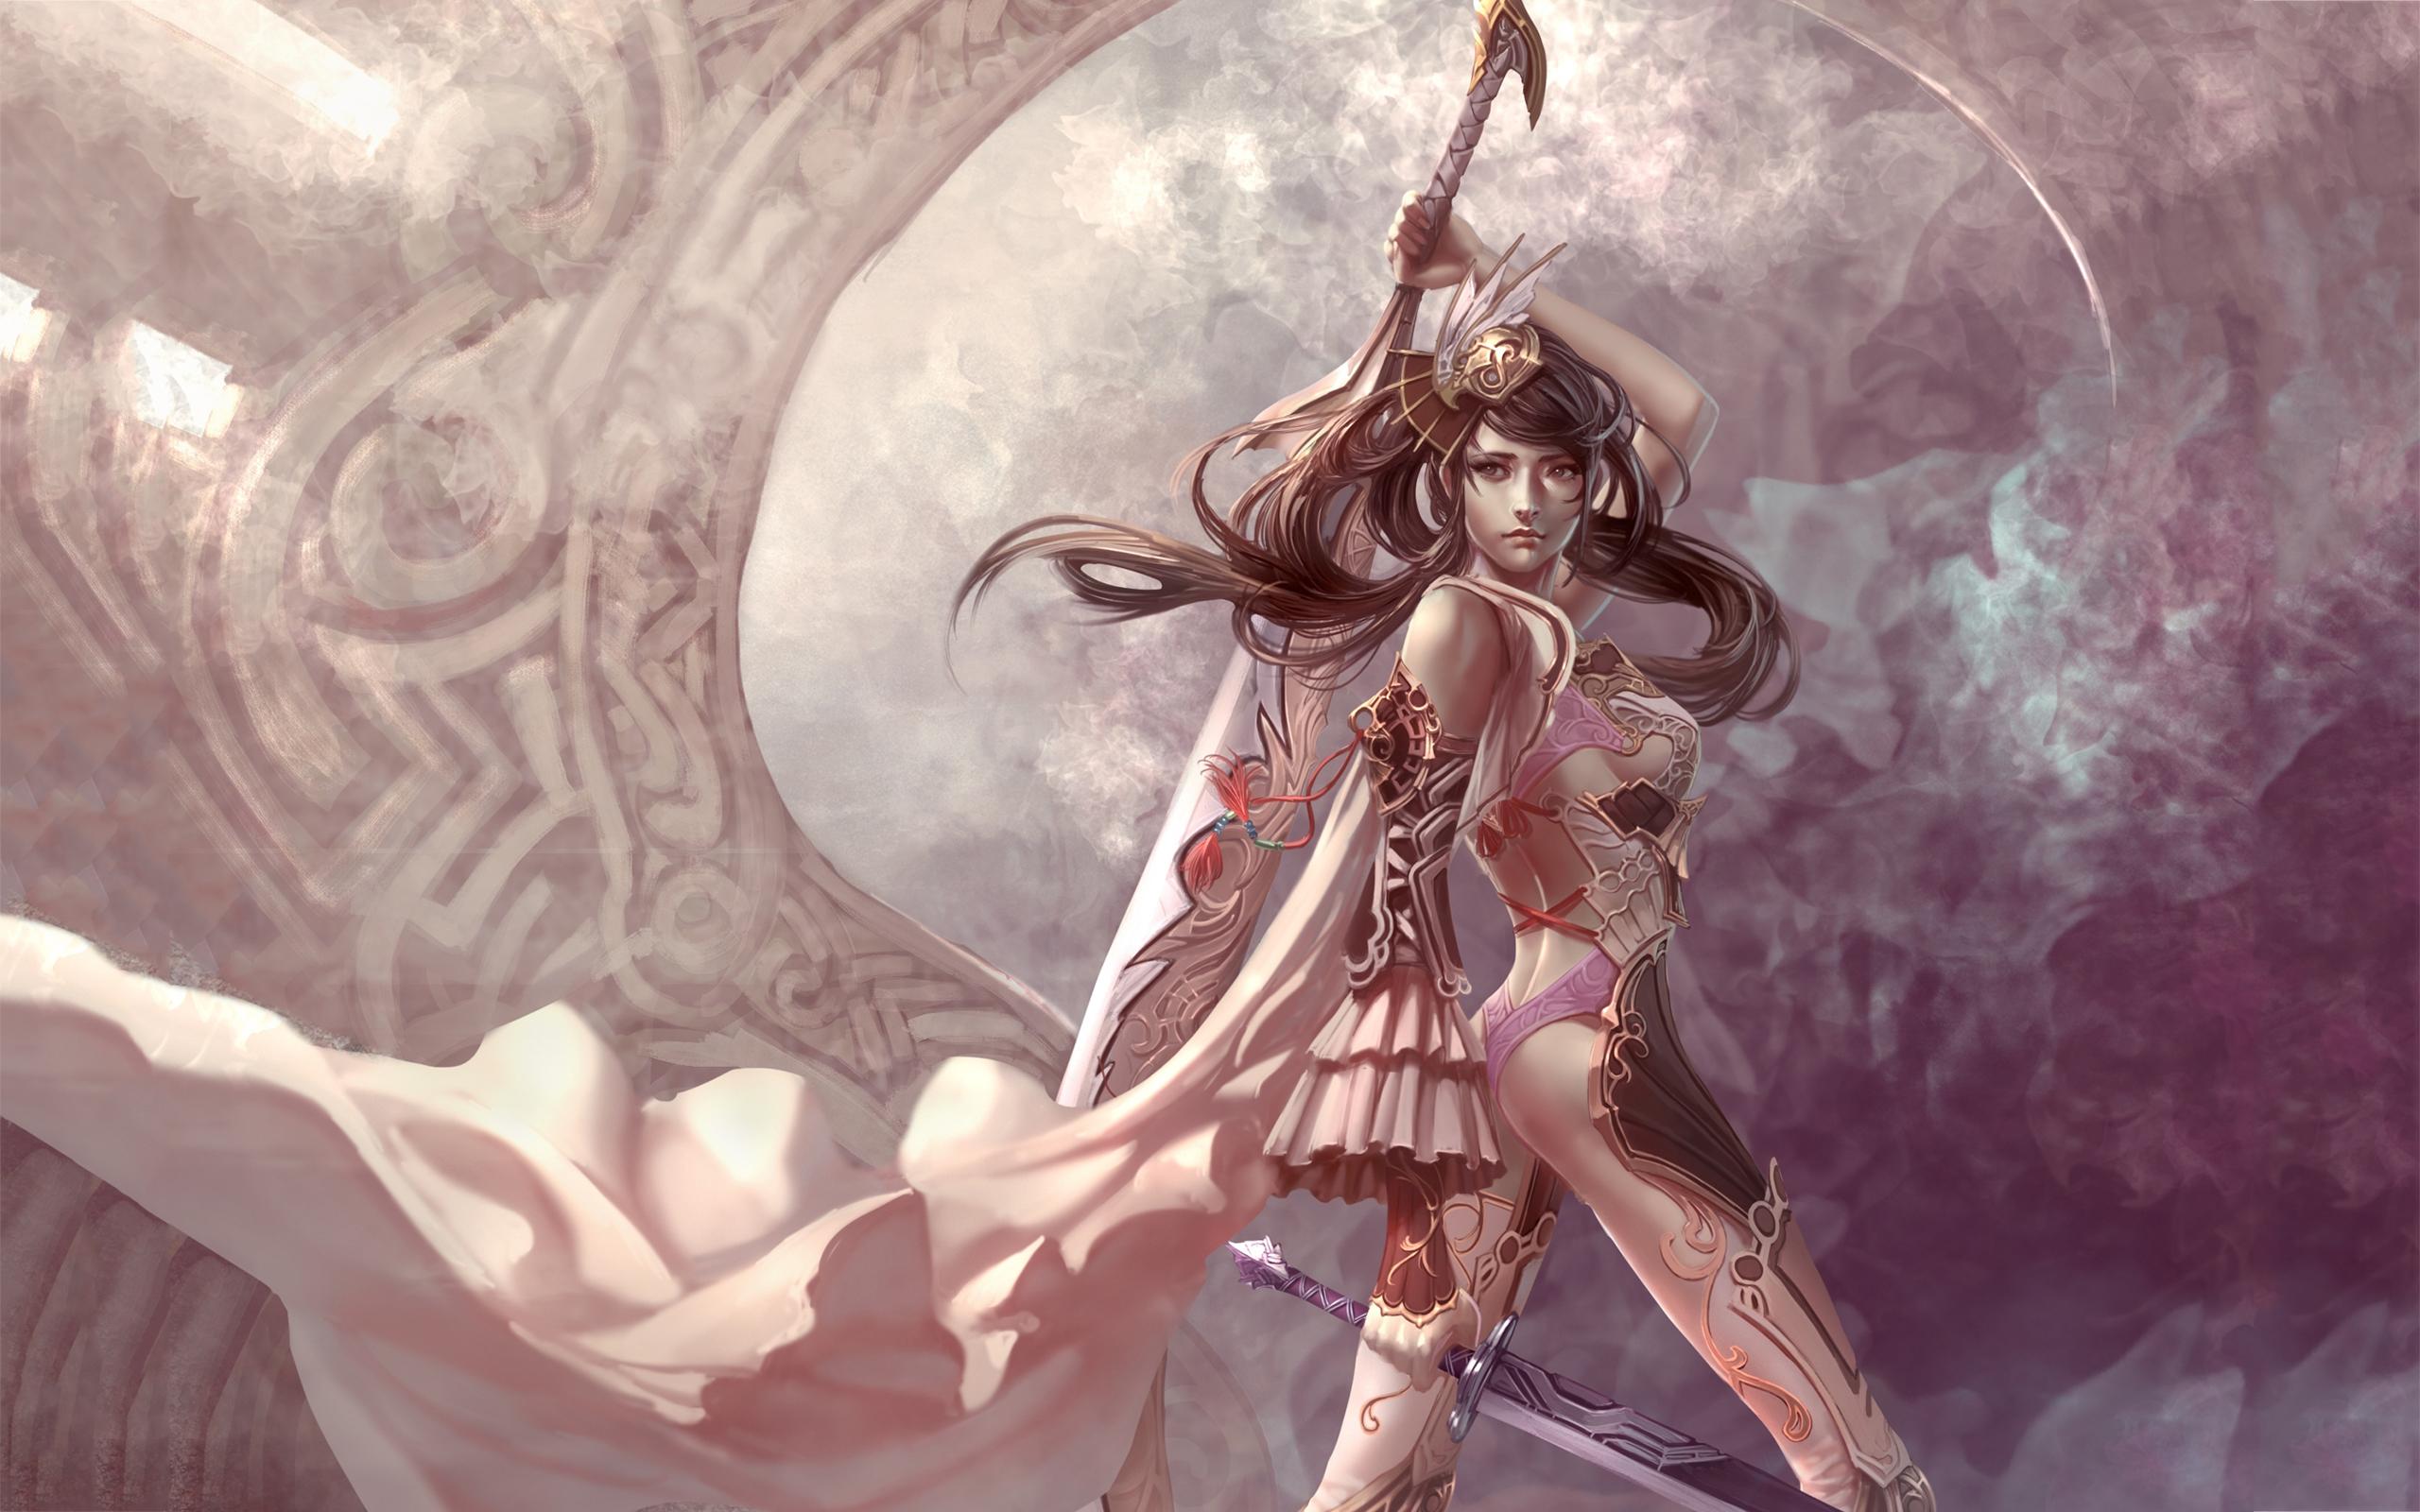 Artwork Sword Girl